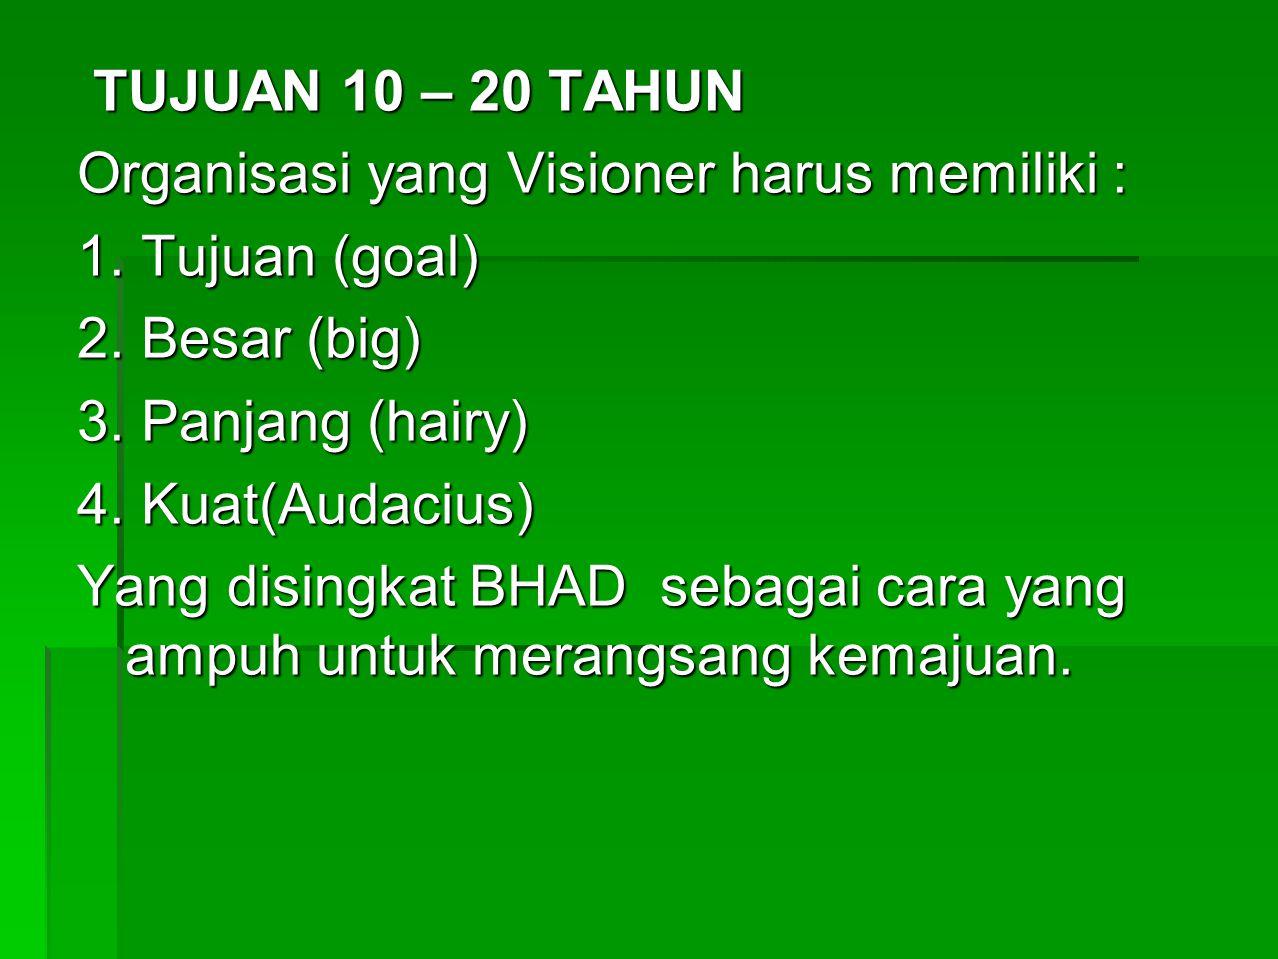 TUJUAN 10 – 20 TAHUN Organisasi yang Visioner harus memiliki : 1. Tujuan (goal) 2. Besar (big) 3. Panjang (hairy)